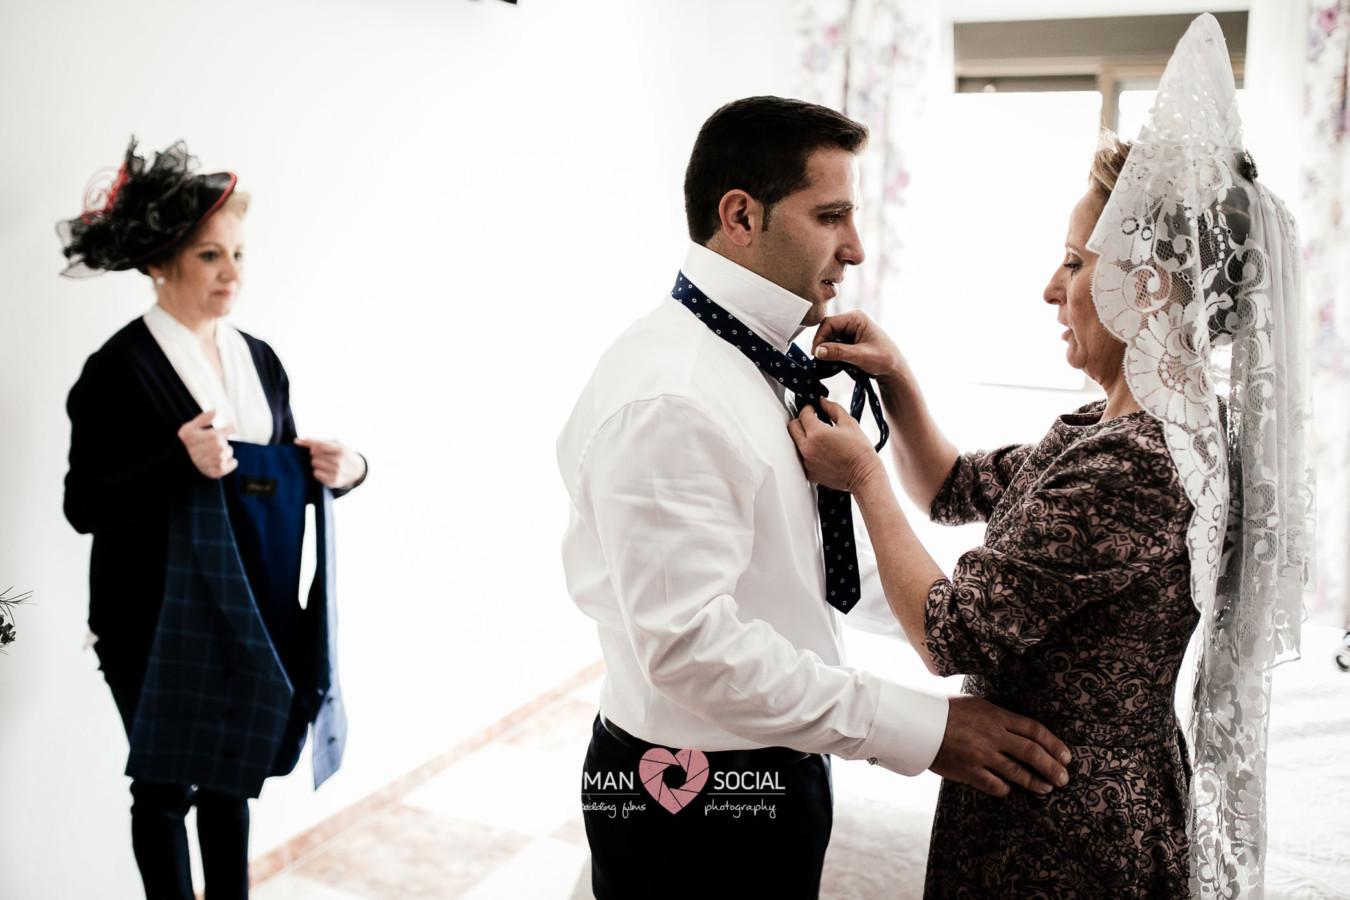 fotografo-de-boda-en-cordoba-sevilla-posadas-boda-auxi-y-antonio-05 Auxi & Antonio, primera boda de la temporada - video boda cordoba